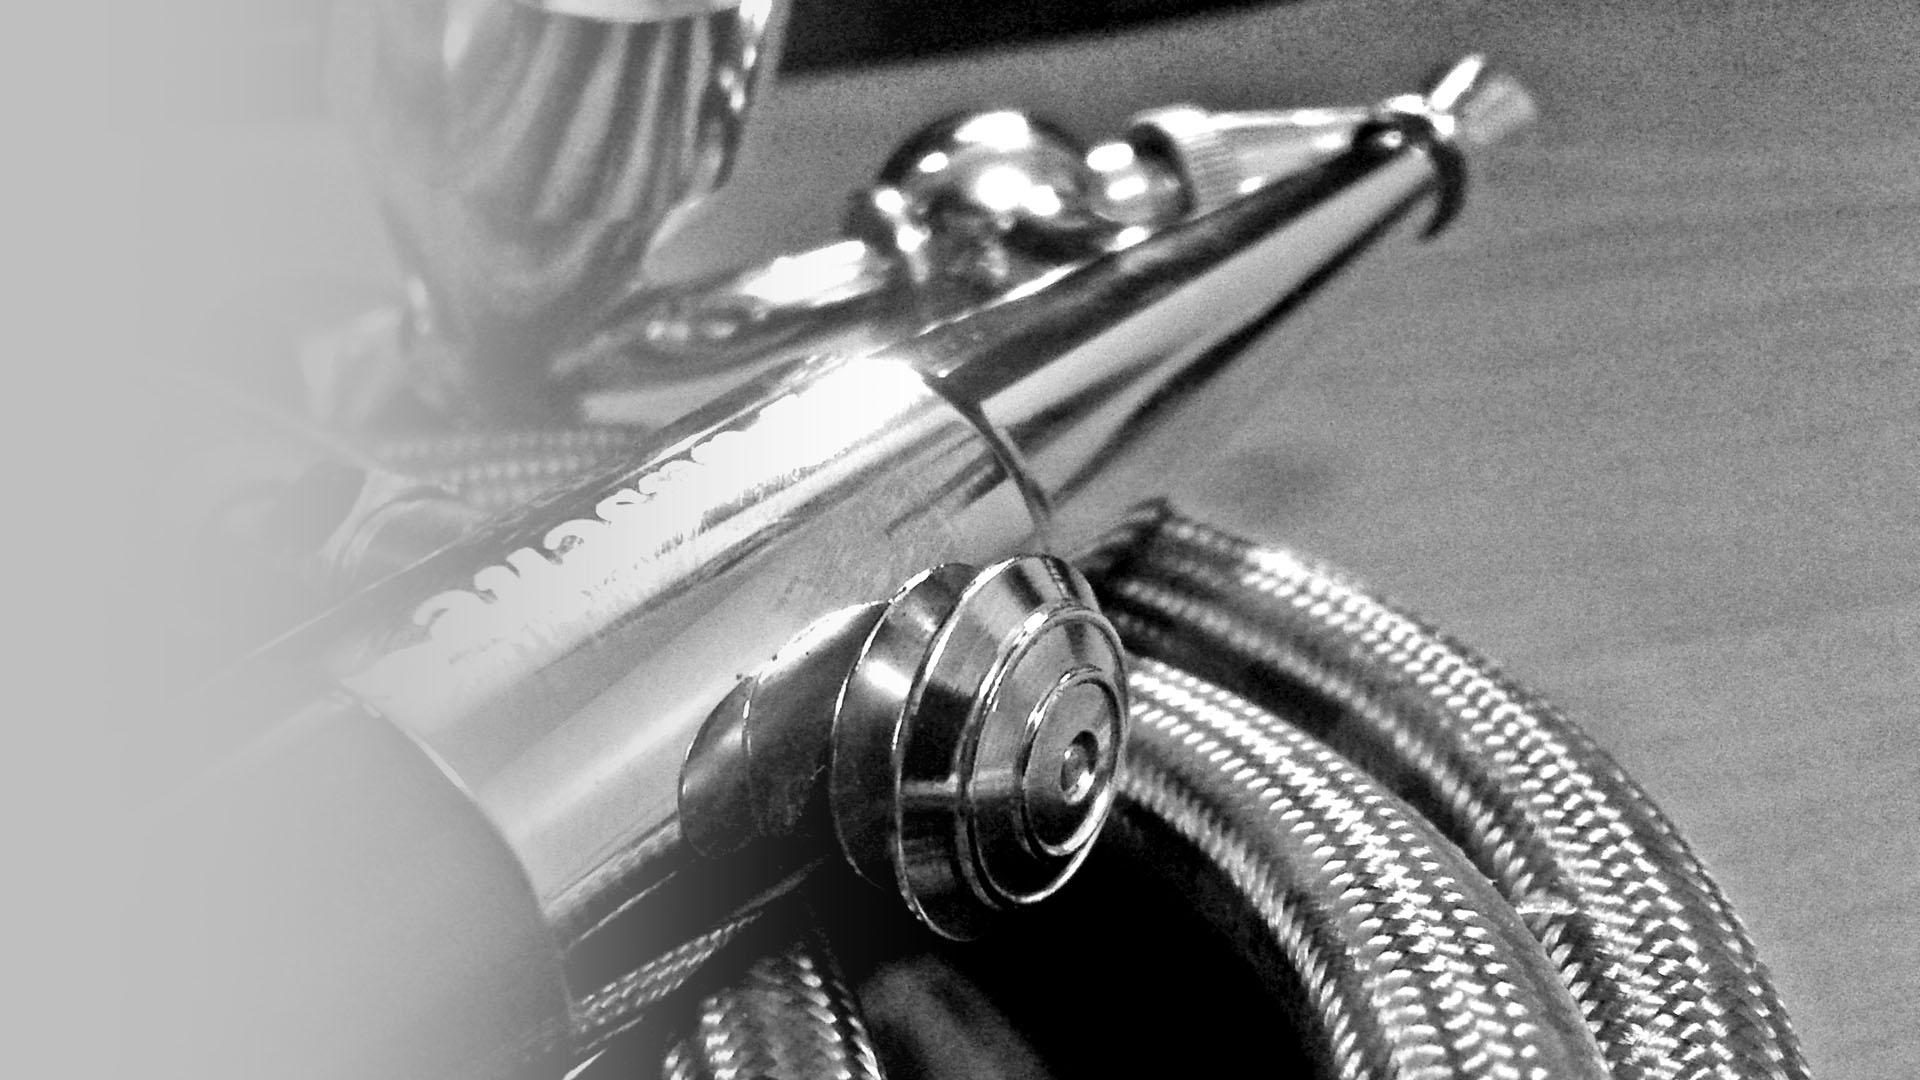 Maquette, maquettes, maquettiste, decor, decors, scenographie, relief, volume, Plan-et-relief, interactif, interactive, manipe, imprimante 3D, Impression 3D, manipeur, fraisage, Tournage, usinage, laser, Decoupe-laser, Gravure-laser, moulage, Résine, elastomère, Petite-serie, Moyenne-serie, Piece-unique, sculpture, fac-similé, modelage, prototype, Prototypes, prototypage, musée, Museographie, museologie, Design, Dessin, modelisation, Atelier, Workshop, Olivier-FOUQUE, Maquettes-blanches, Maquette-blanche, Maquette-architecture, Maquette-promoteur, Maquette-promotion, Maquette-concours, Plexiglas, Plexi, Pmma, Midi-Pyrenees, Tarn, occitanie, Maquette infrastructure, Maquette-ouvrage-d-art, Maquette-urbanisme, Maquette industrie, Maquette industrielle, agencement, Dioramas, Maquette-musee, Maquettes-museales, Manipulations-et-jeux, Pedagogie, pedagogique, Mobilier, vitrine, Maquette-professionnelle, Maquettiste-professionnel, Maquette volume, Evennementiel, event, 3 axes, 5 axes